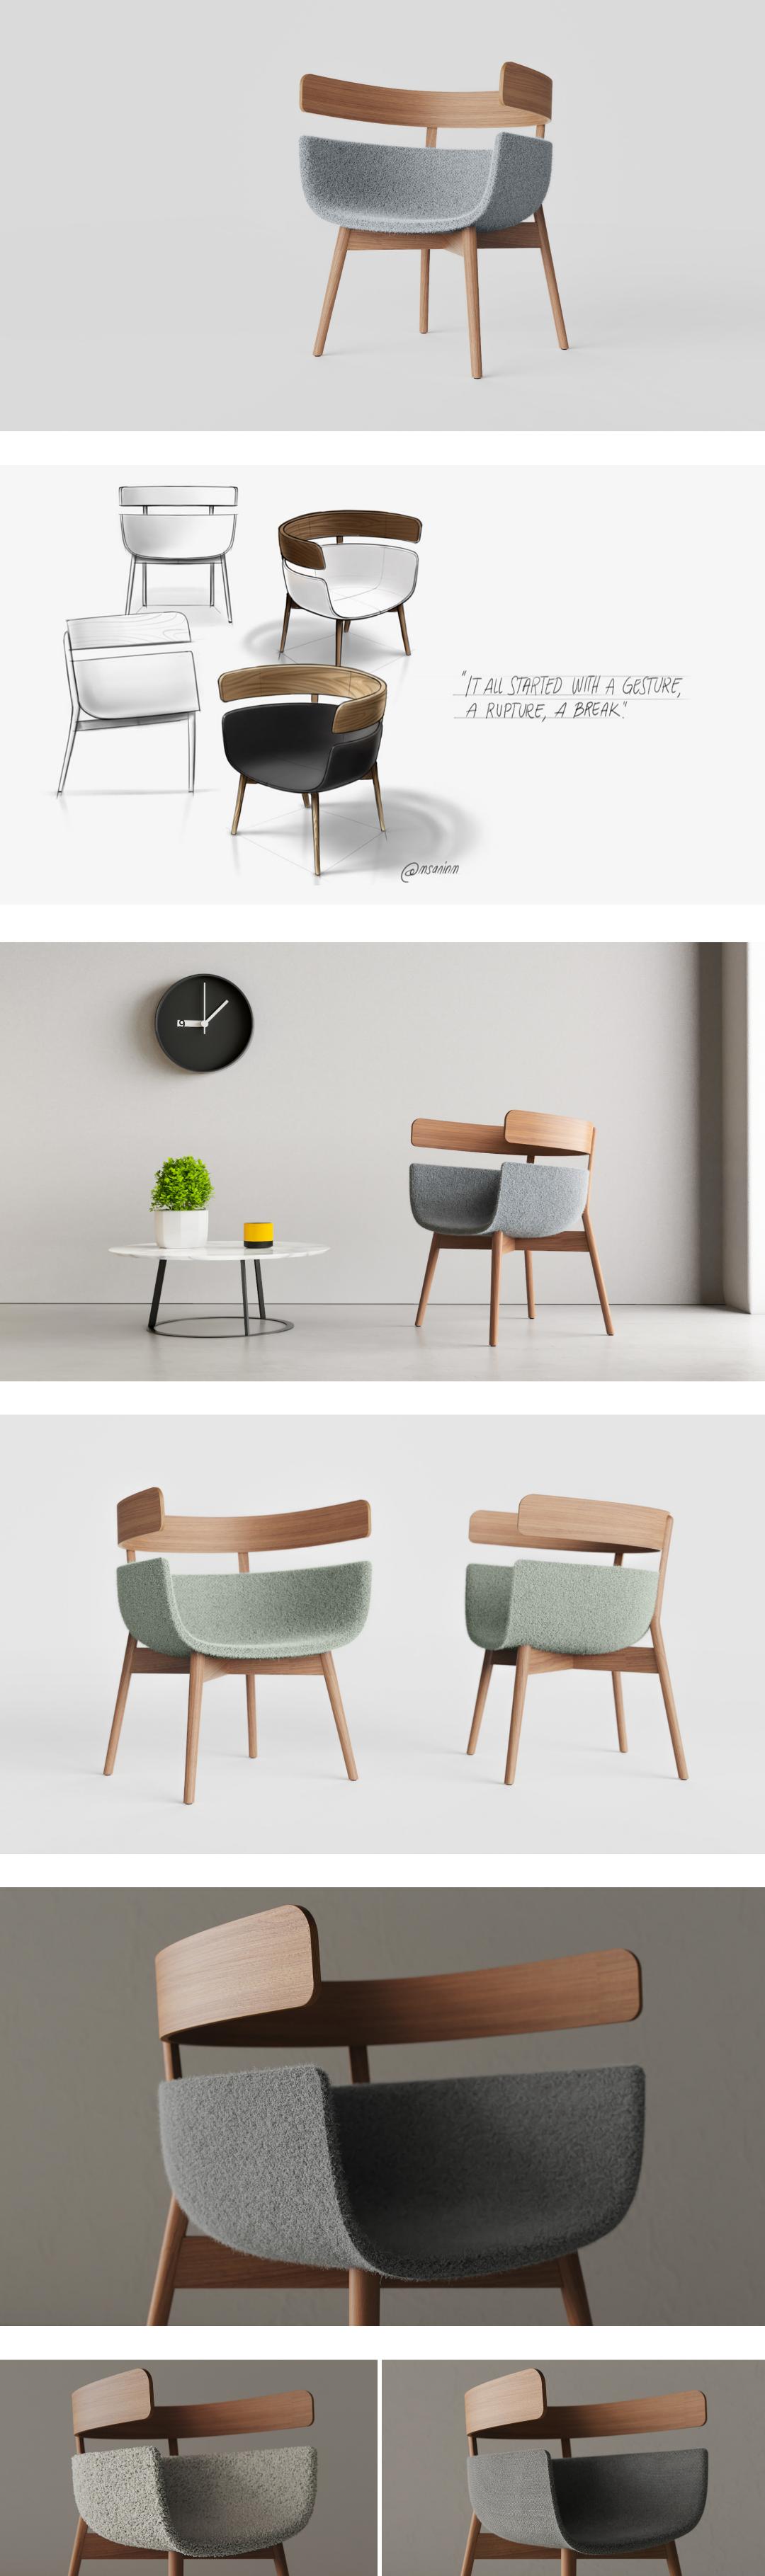 Industrial Design,Furniture Design,Product Design